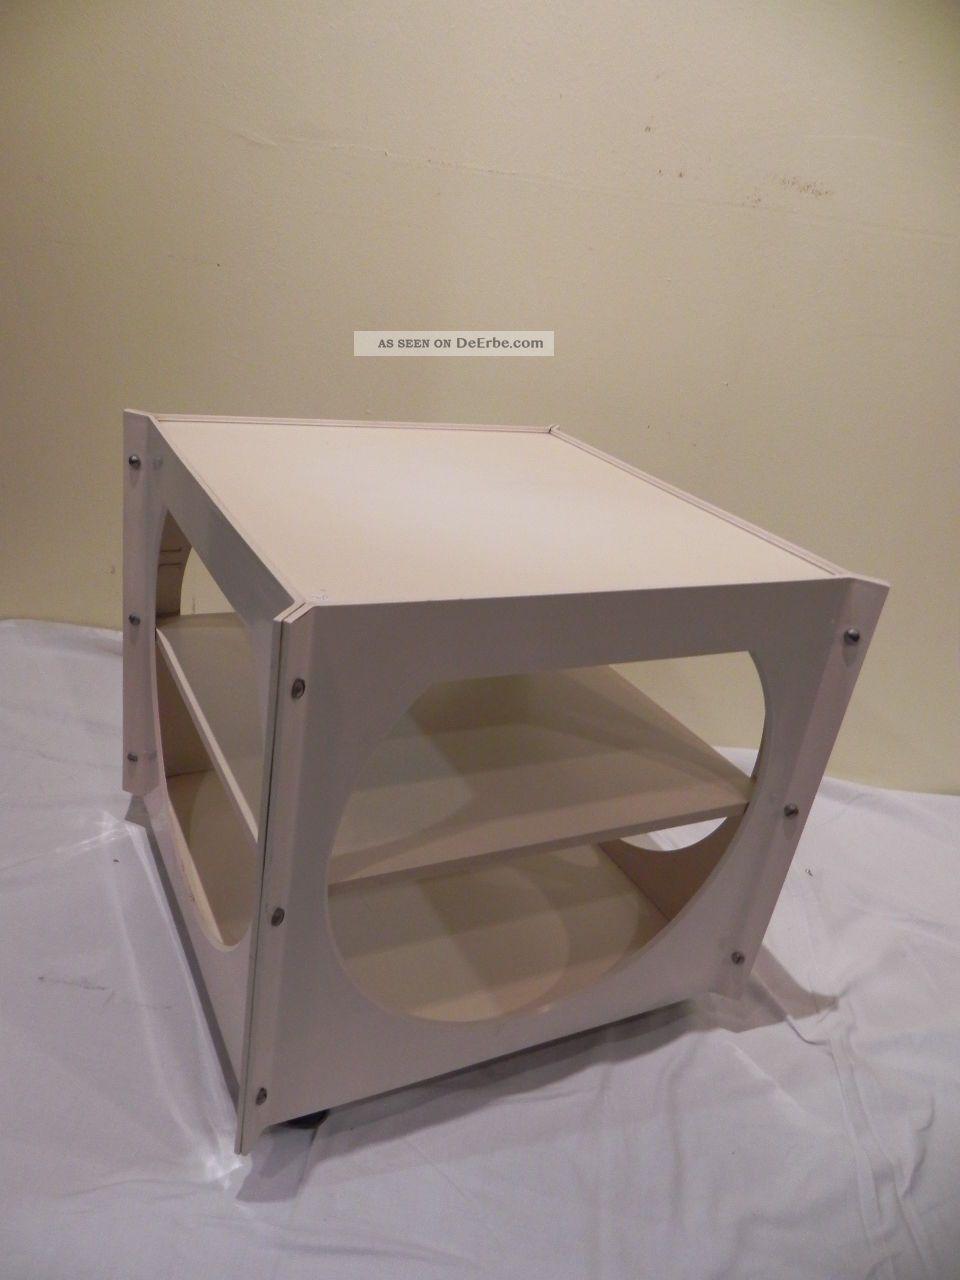 Aera couchtisch 03563020171019 for Tisch koffer design